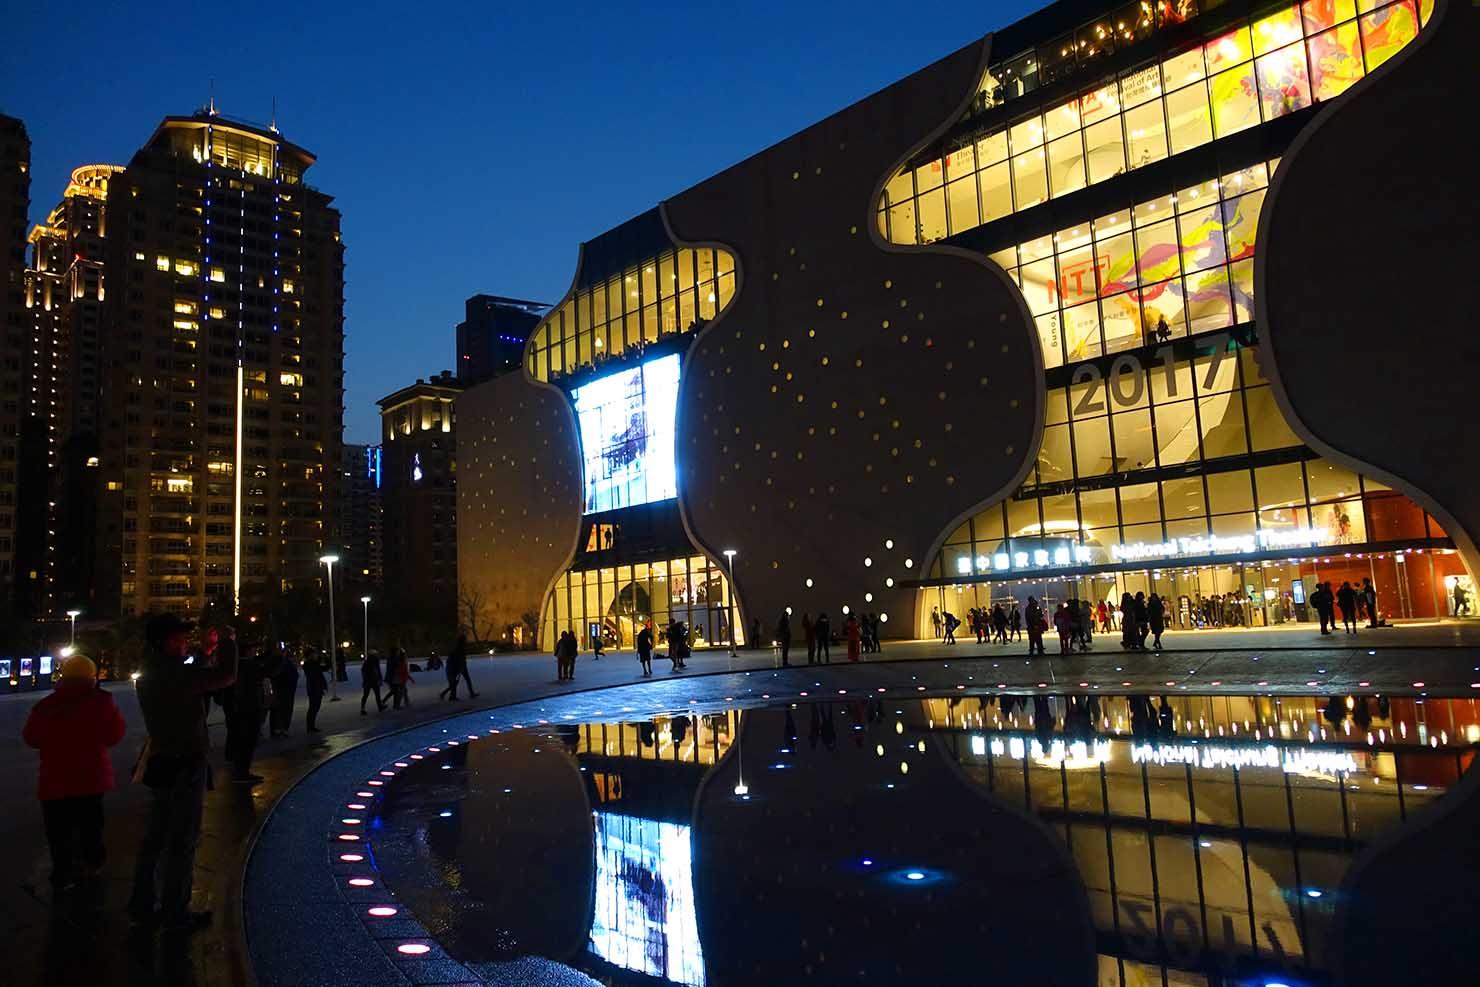 台湾・台中の新名所「台中國家歌劇院」